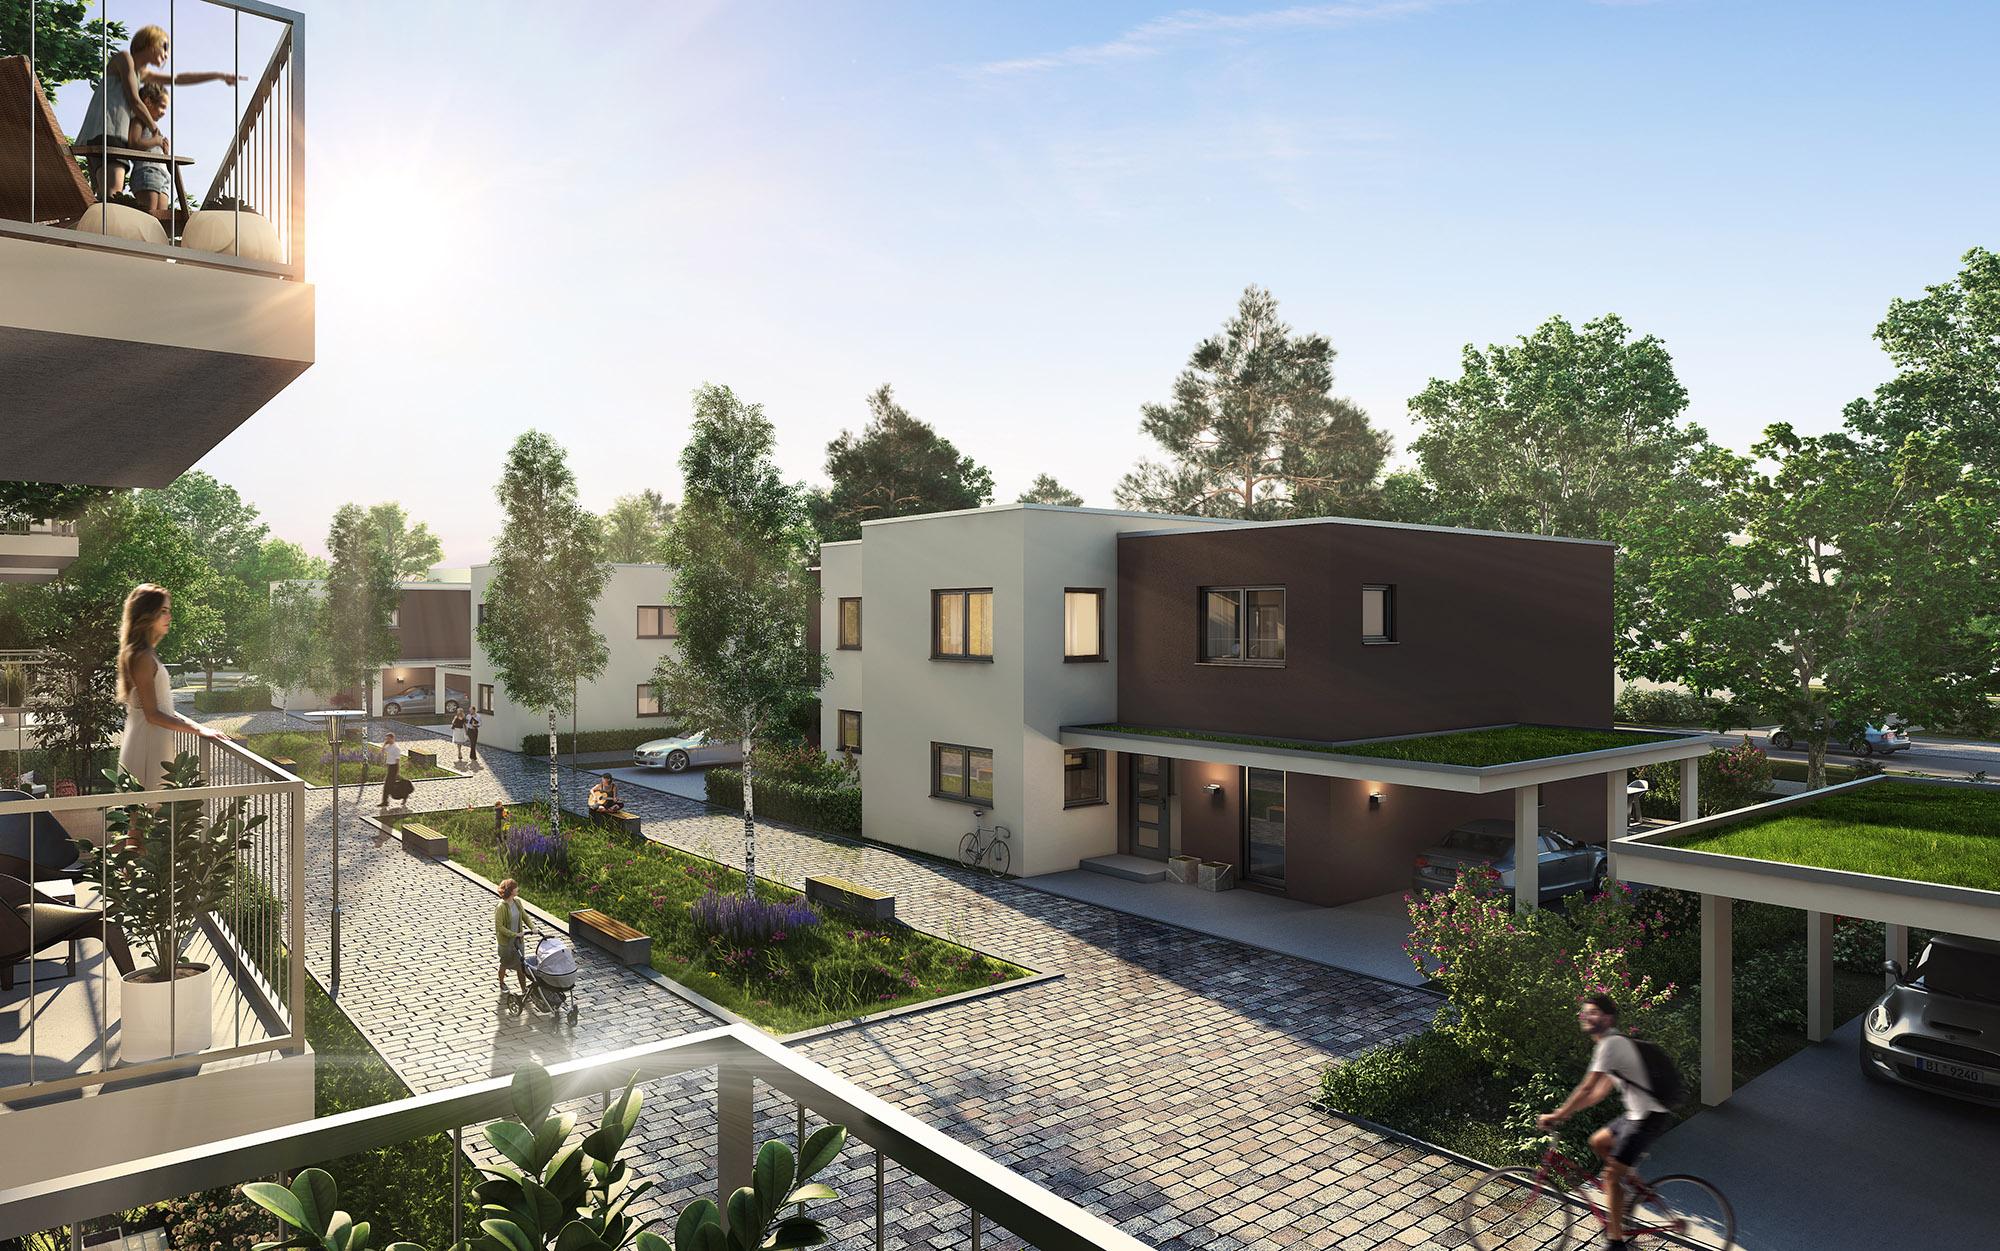 mojoimages architekturvisualisierung NORDHAUS Marketing Wohngebiet Bielefeld